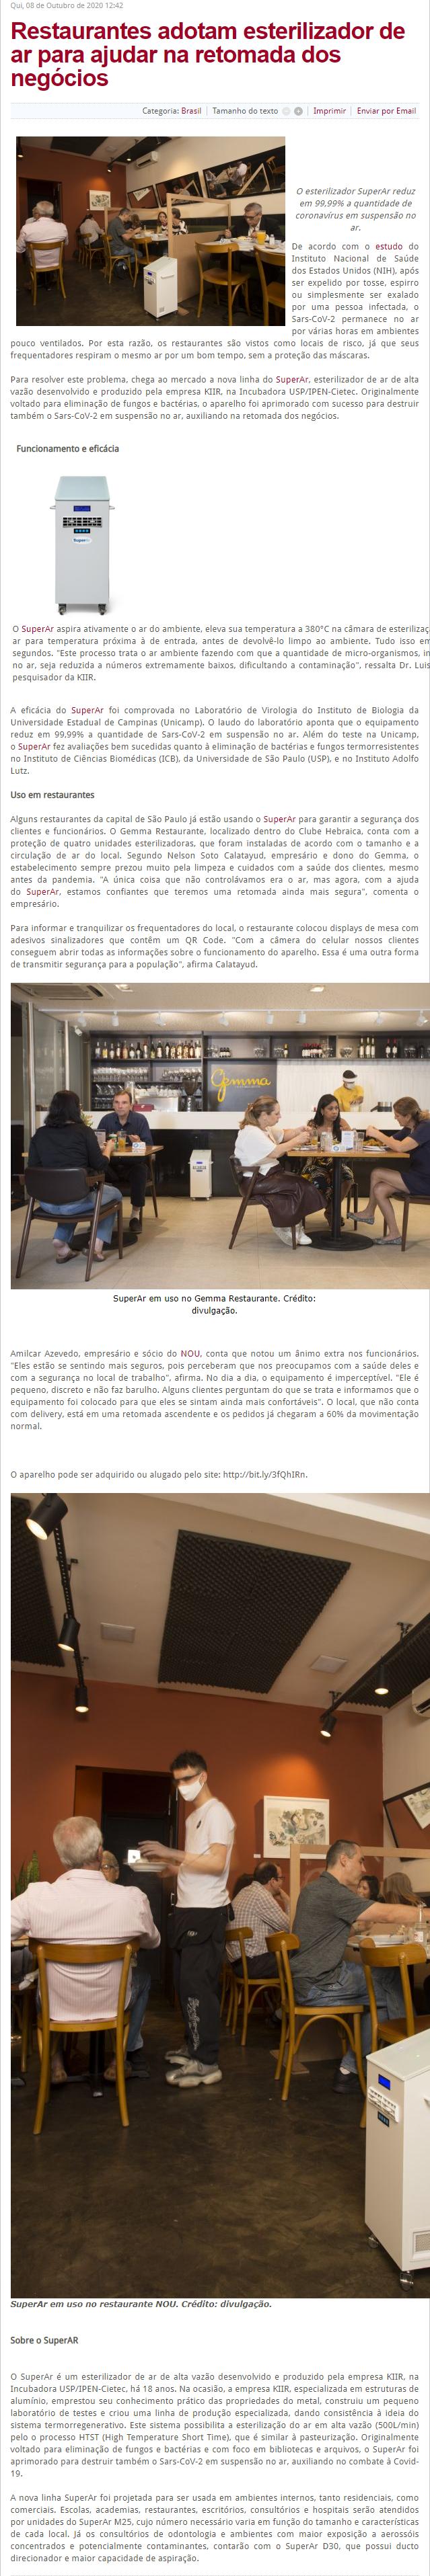 Restaurantes adotam esterilizador de ar para ajudar na retomada dos negócios - Revista Panorama